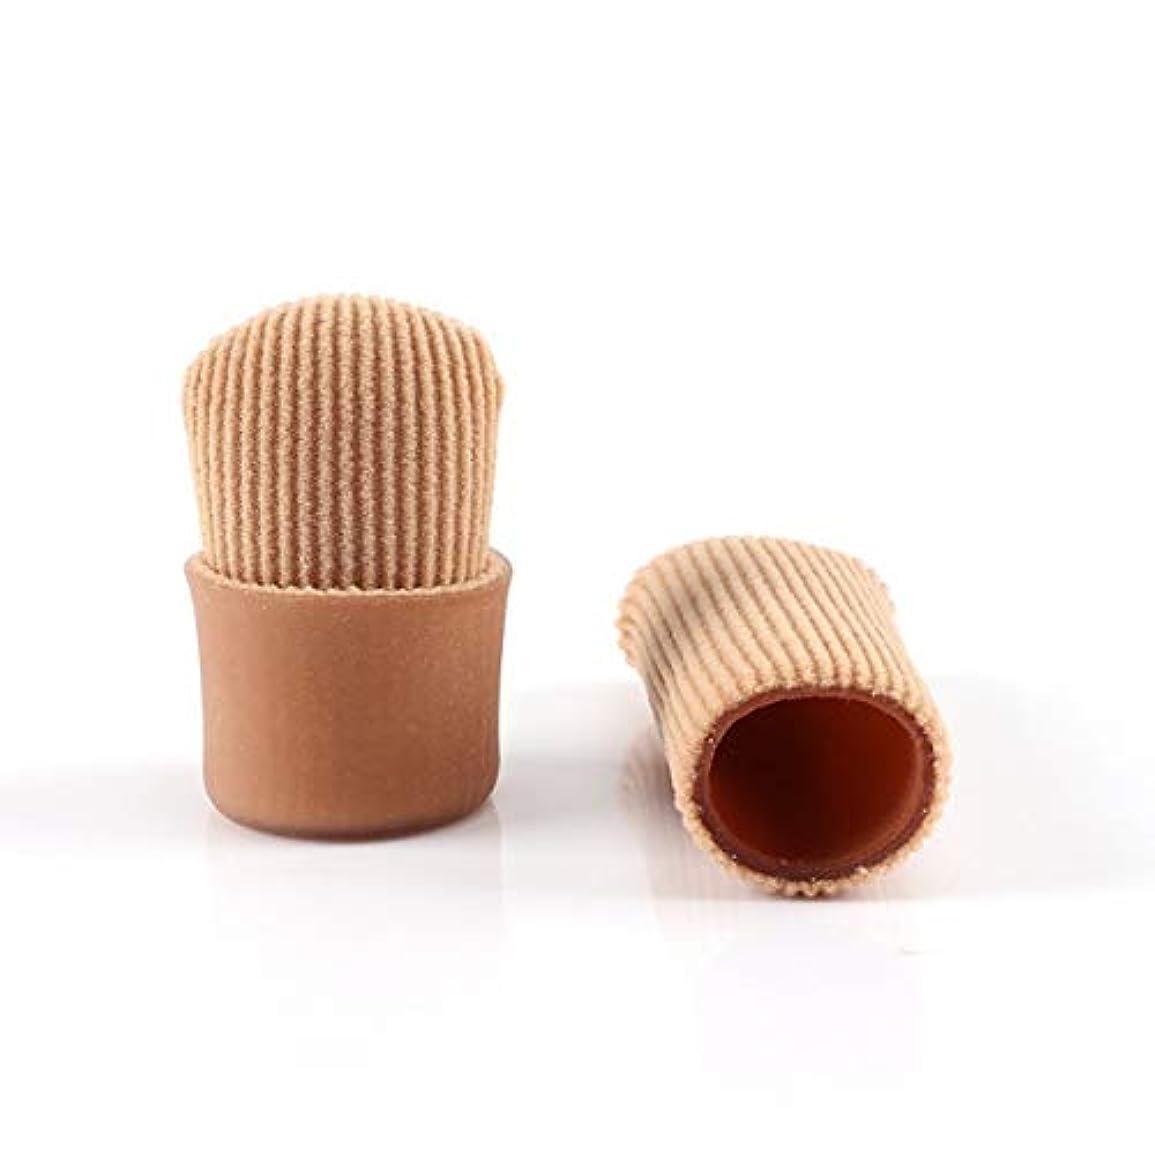 別々に最大限労働Open Toe Tubes Gel Lined Fabric Sleeve Protectors To Prevent Corns, Calluses And Blisters While Softening Soothing...